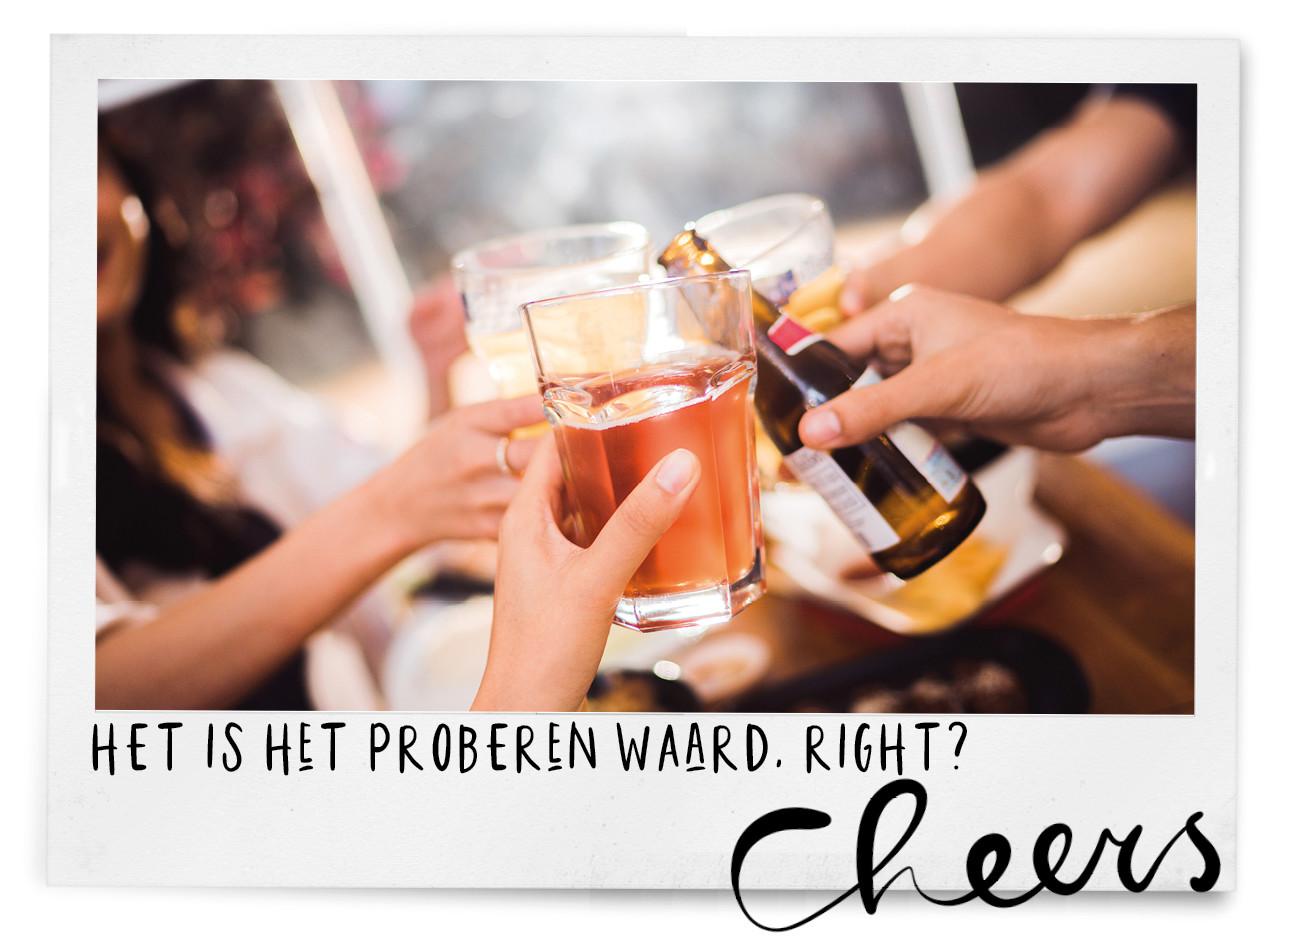 groep vrienden proosten met een biertje, het is het proberen waard, right, cheers